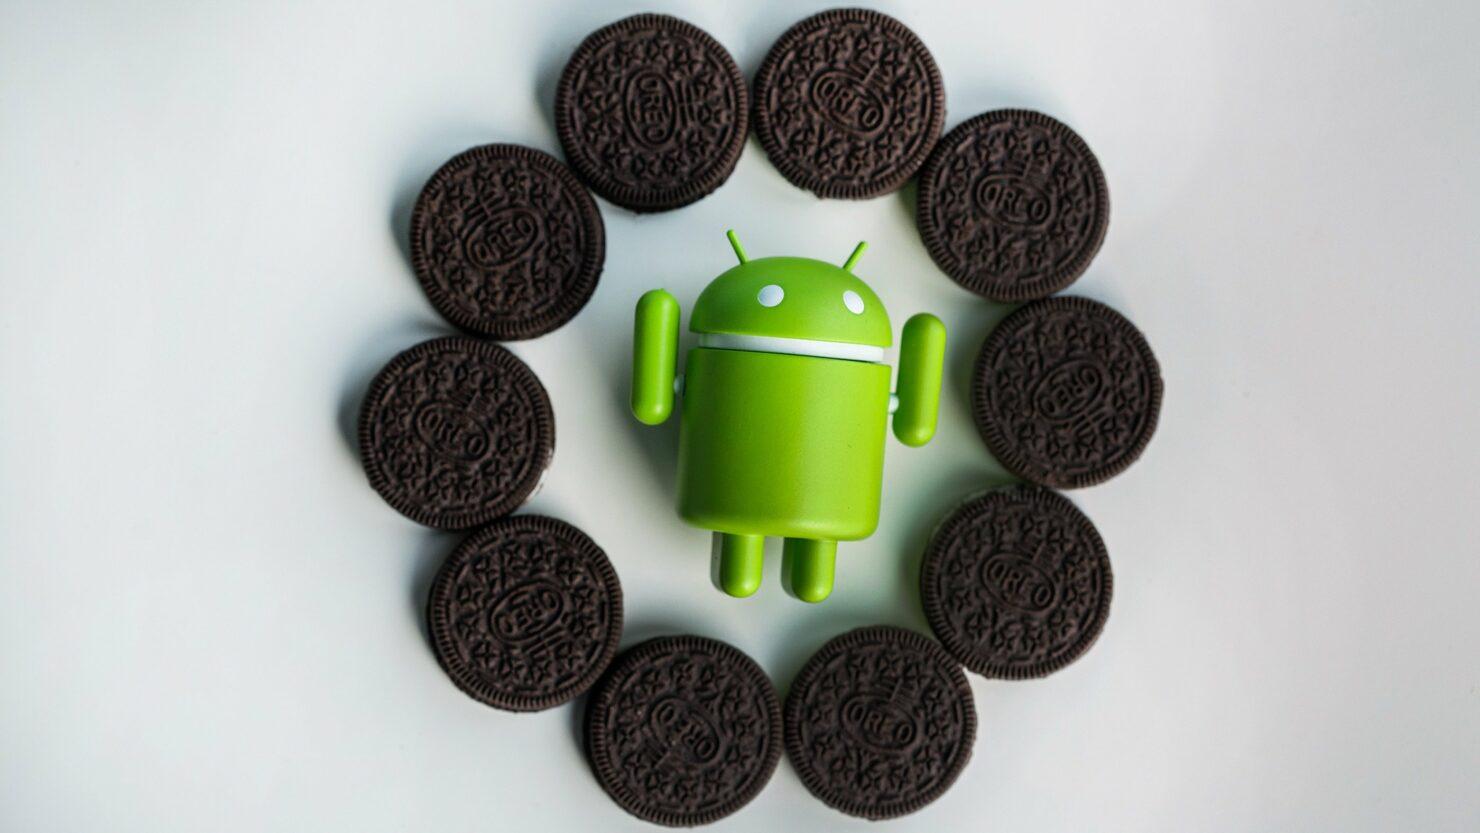 Android o oreo